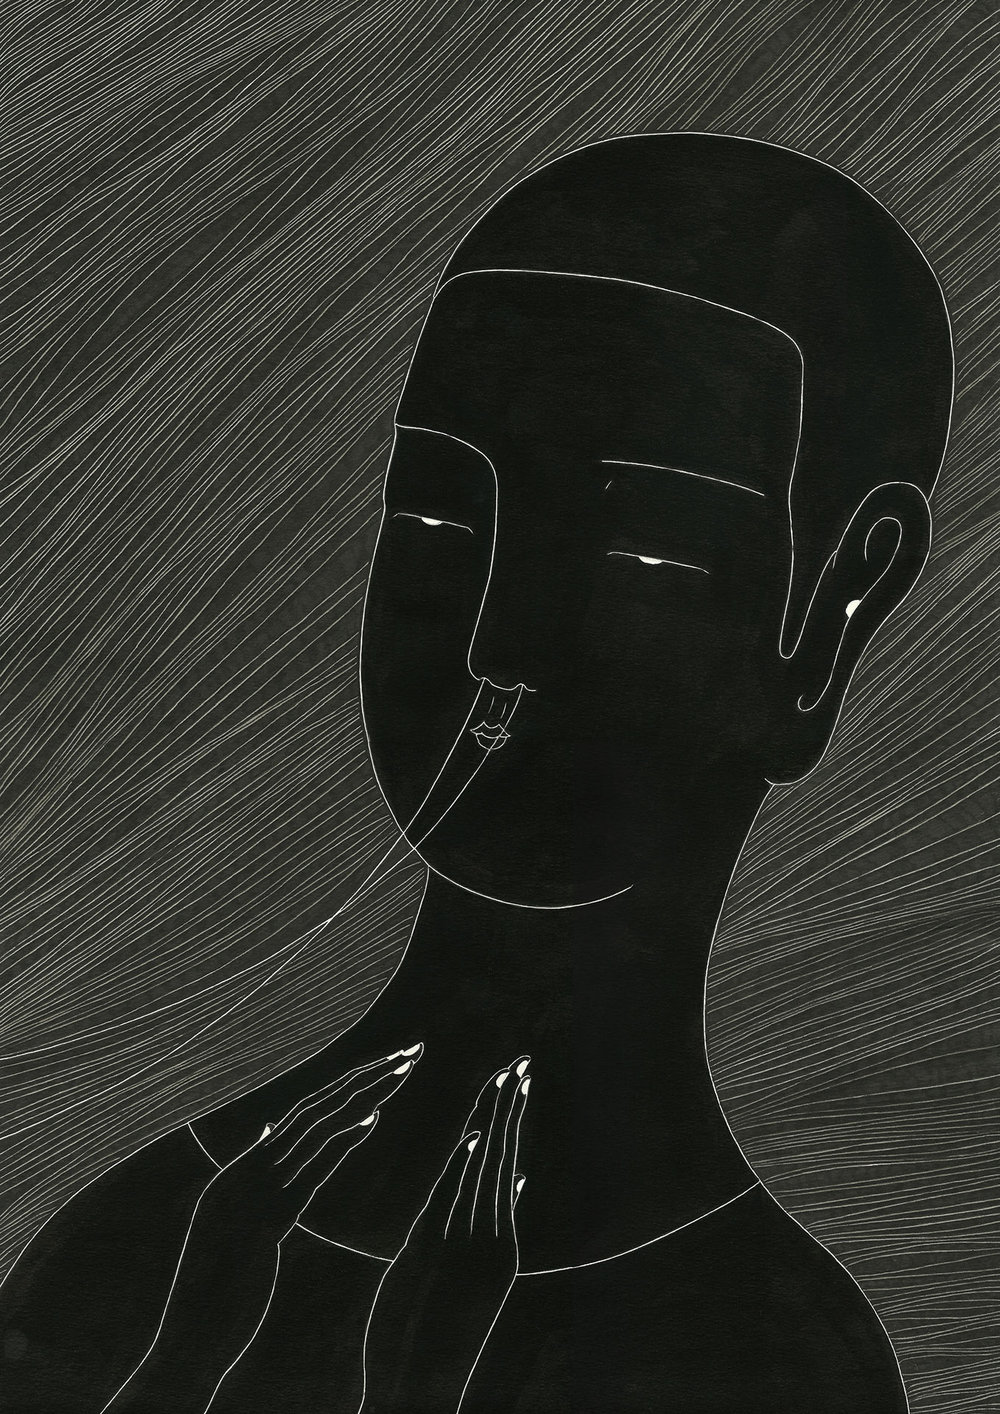 숨 / Inspiration Op.0059P -29.7 x 42 cm,종이에 펜, 마커, 잉크 / Pigment liner, marker, and ink on paper, 2012